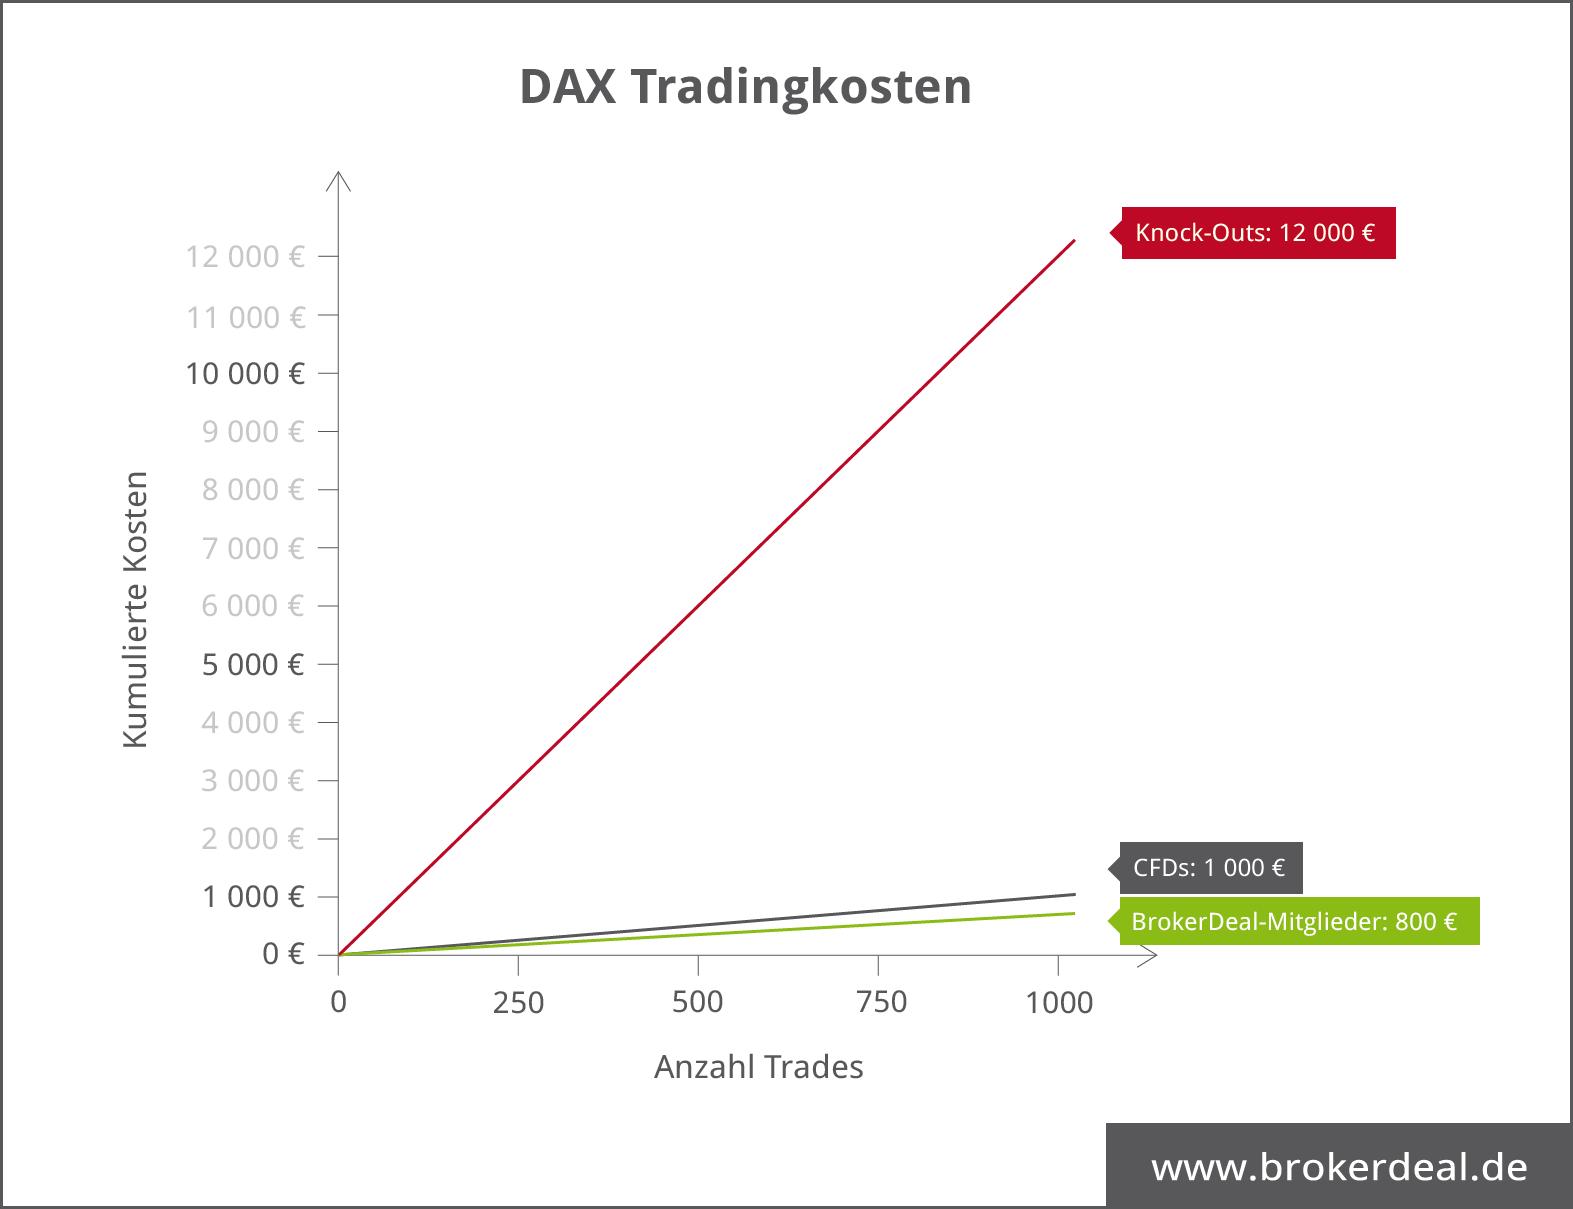 DAX Trading Kosten